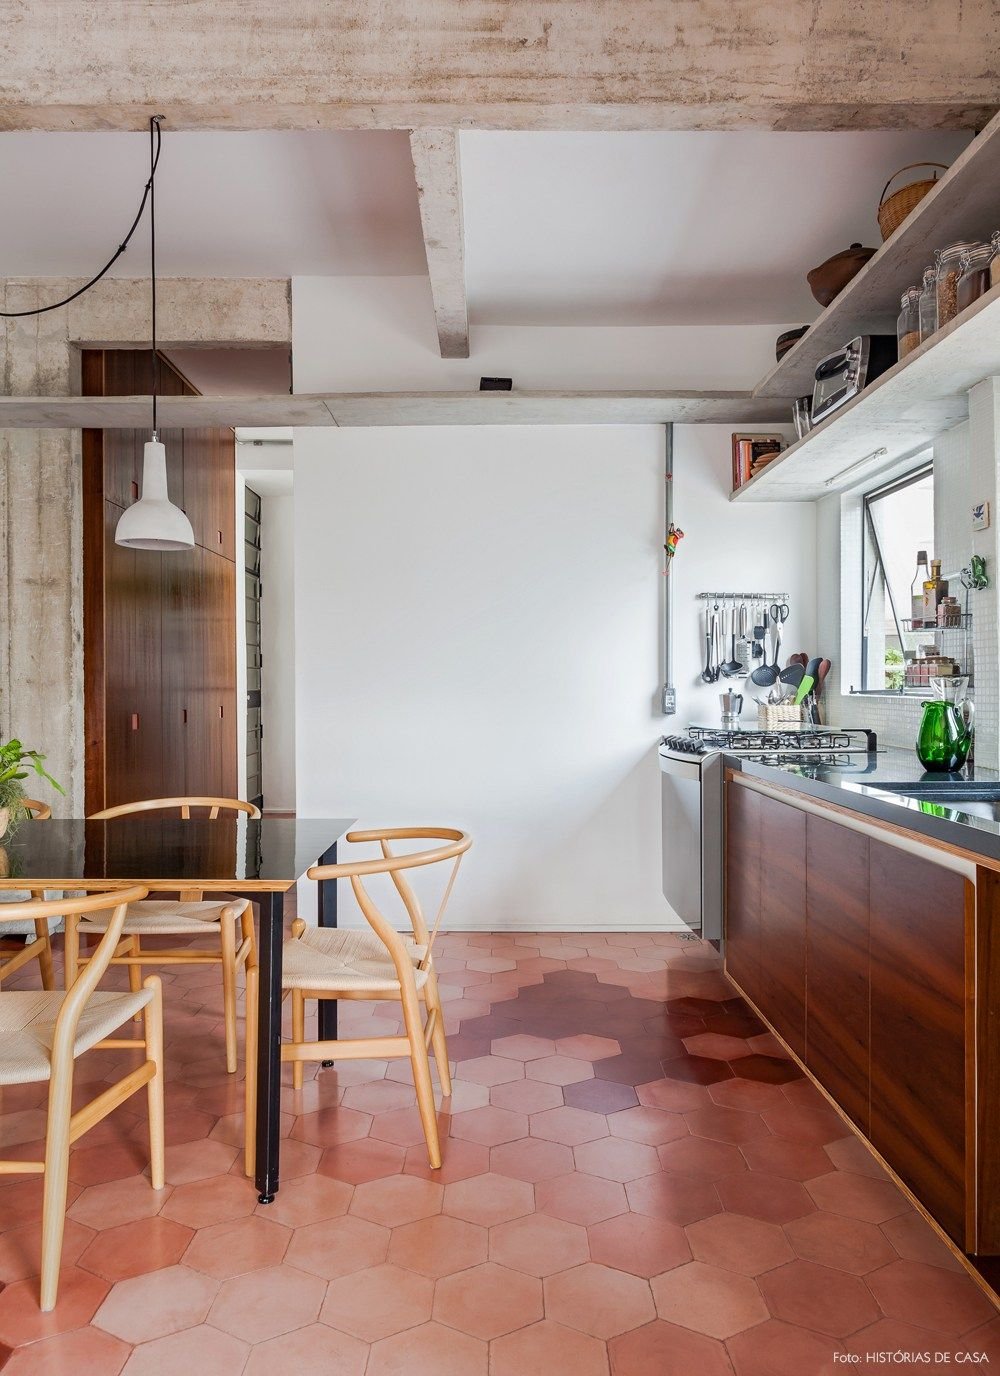 Oásis urbano | Capítulo 2 | Home, Ladrilho hidraulico cozinha, Desenho do  piso